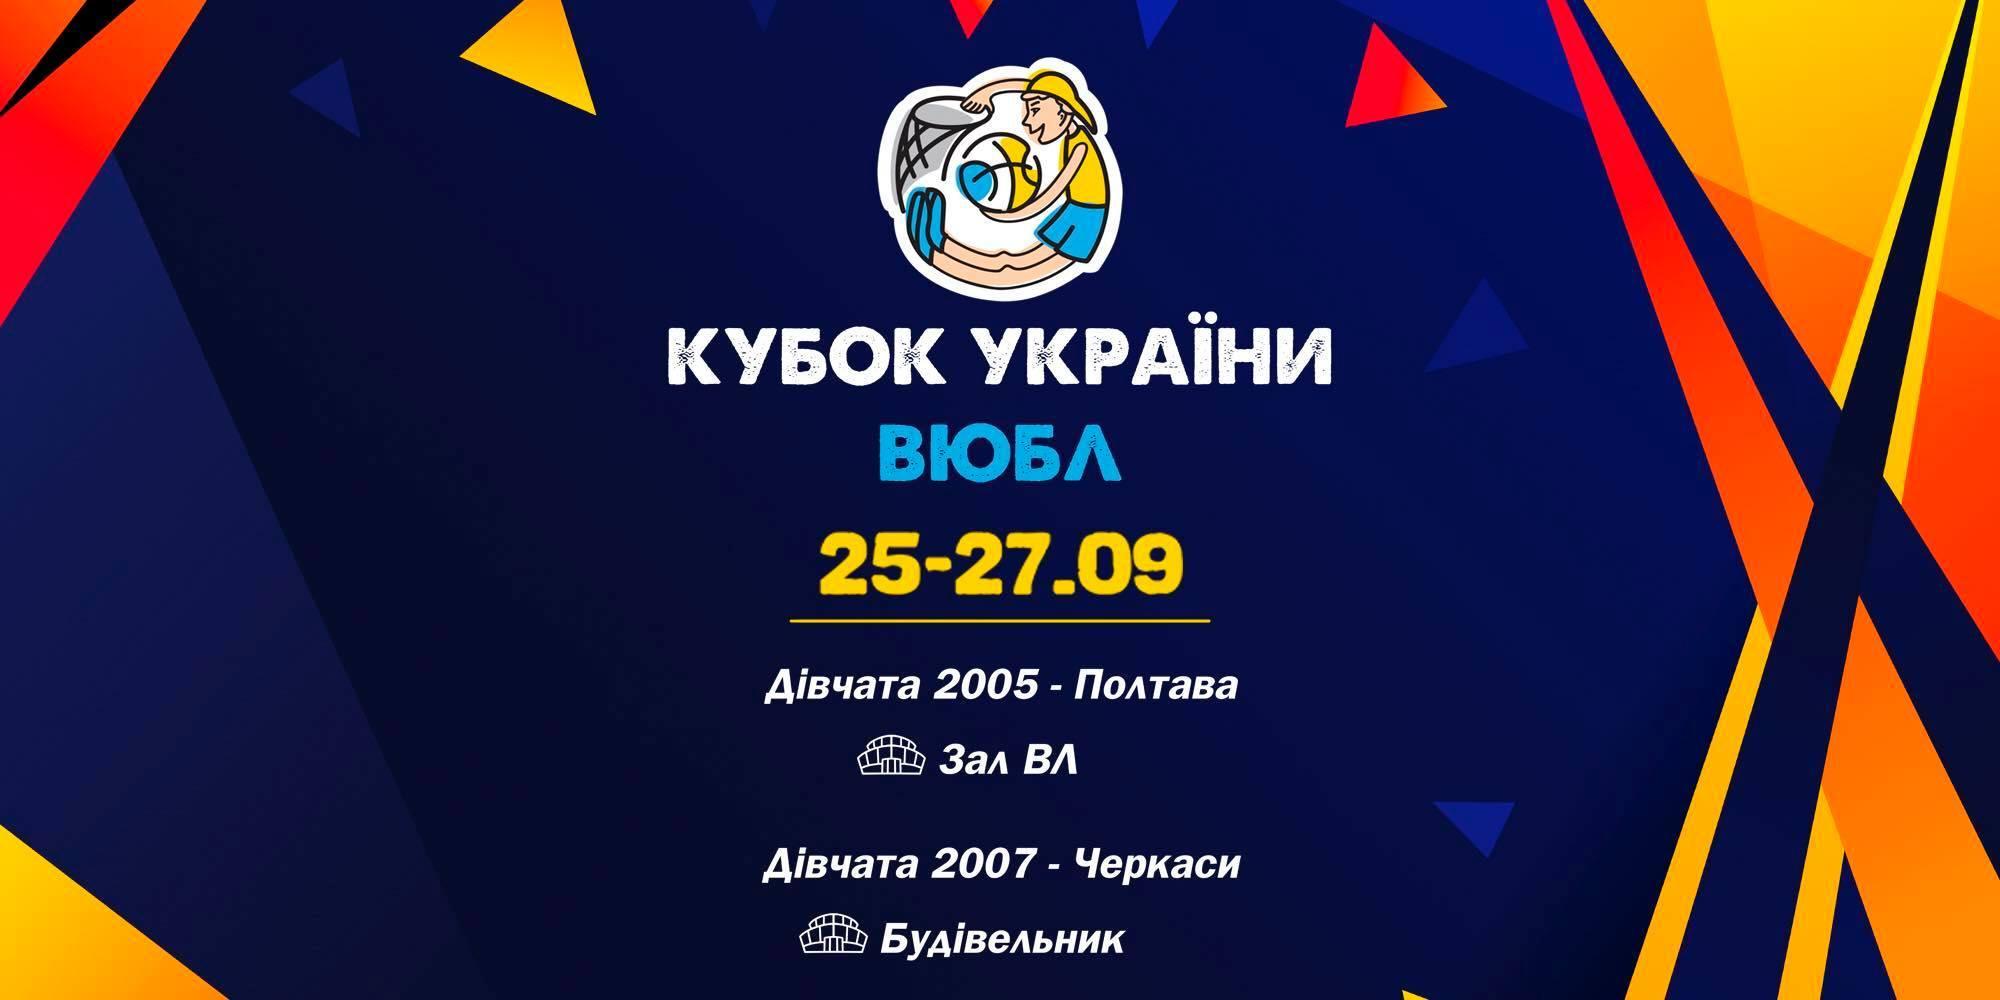 Кубок ВЮБЛ: відео матчів 25 вересня